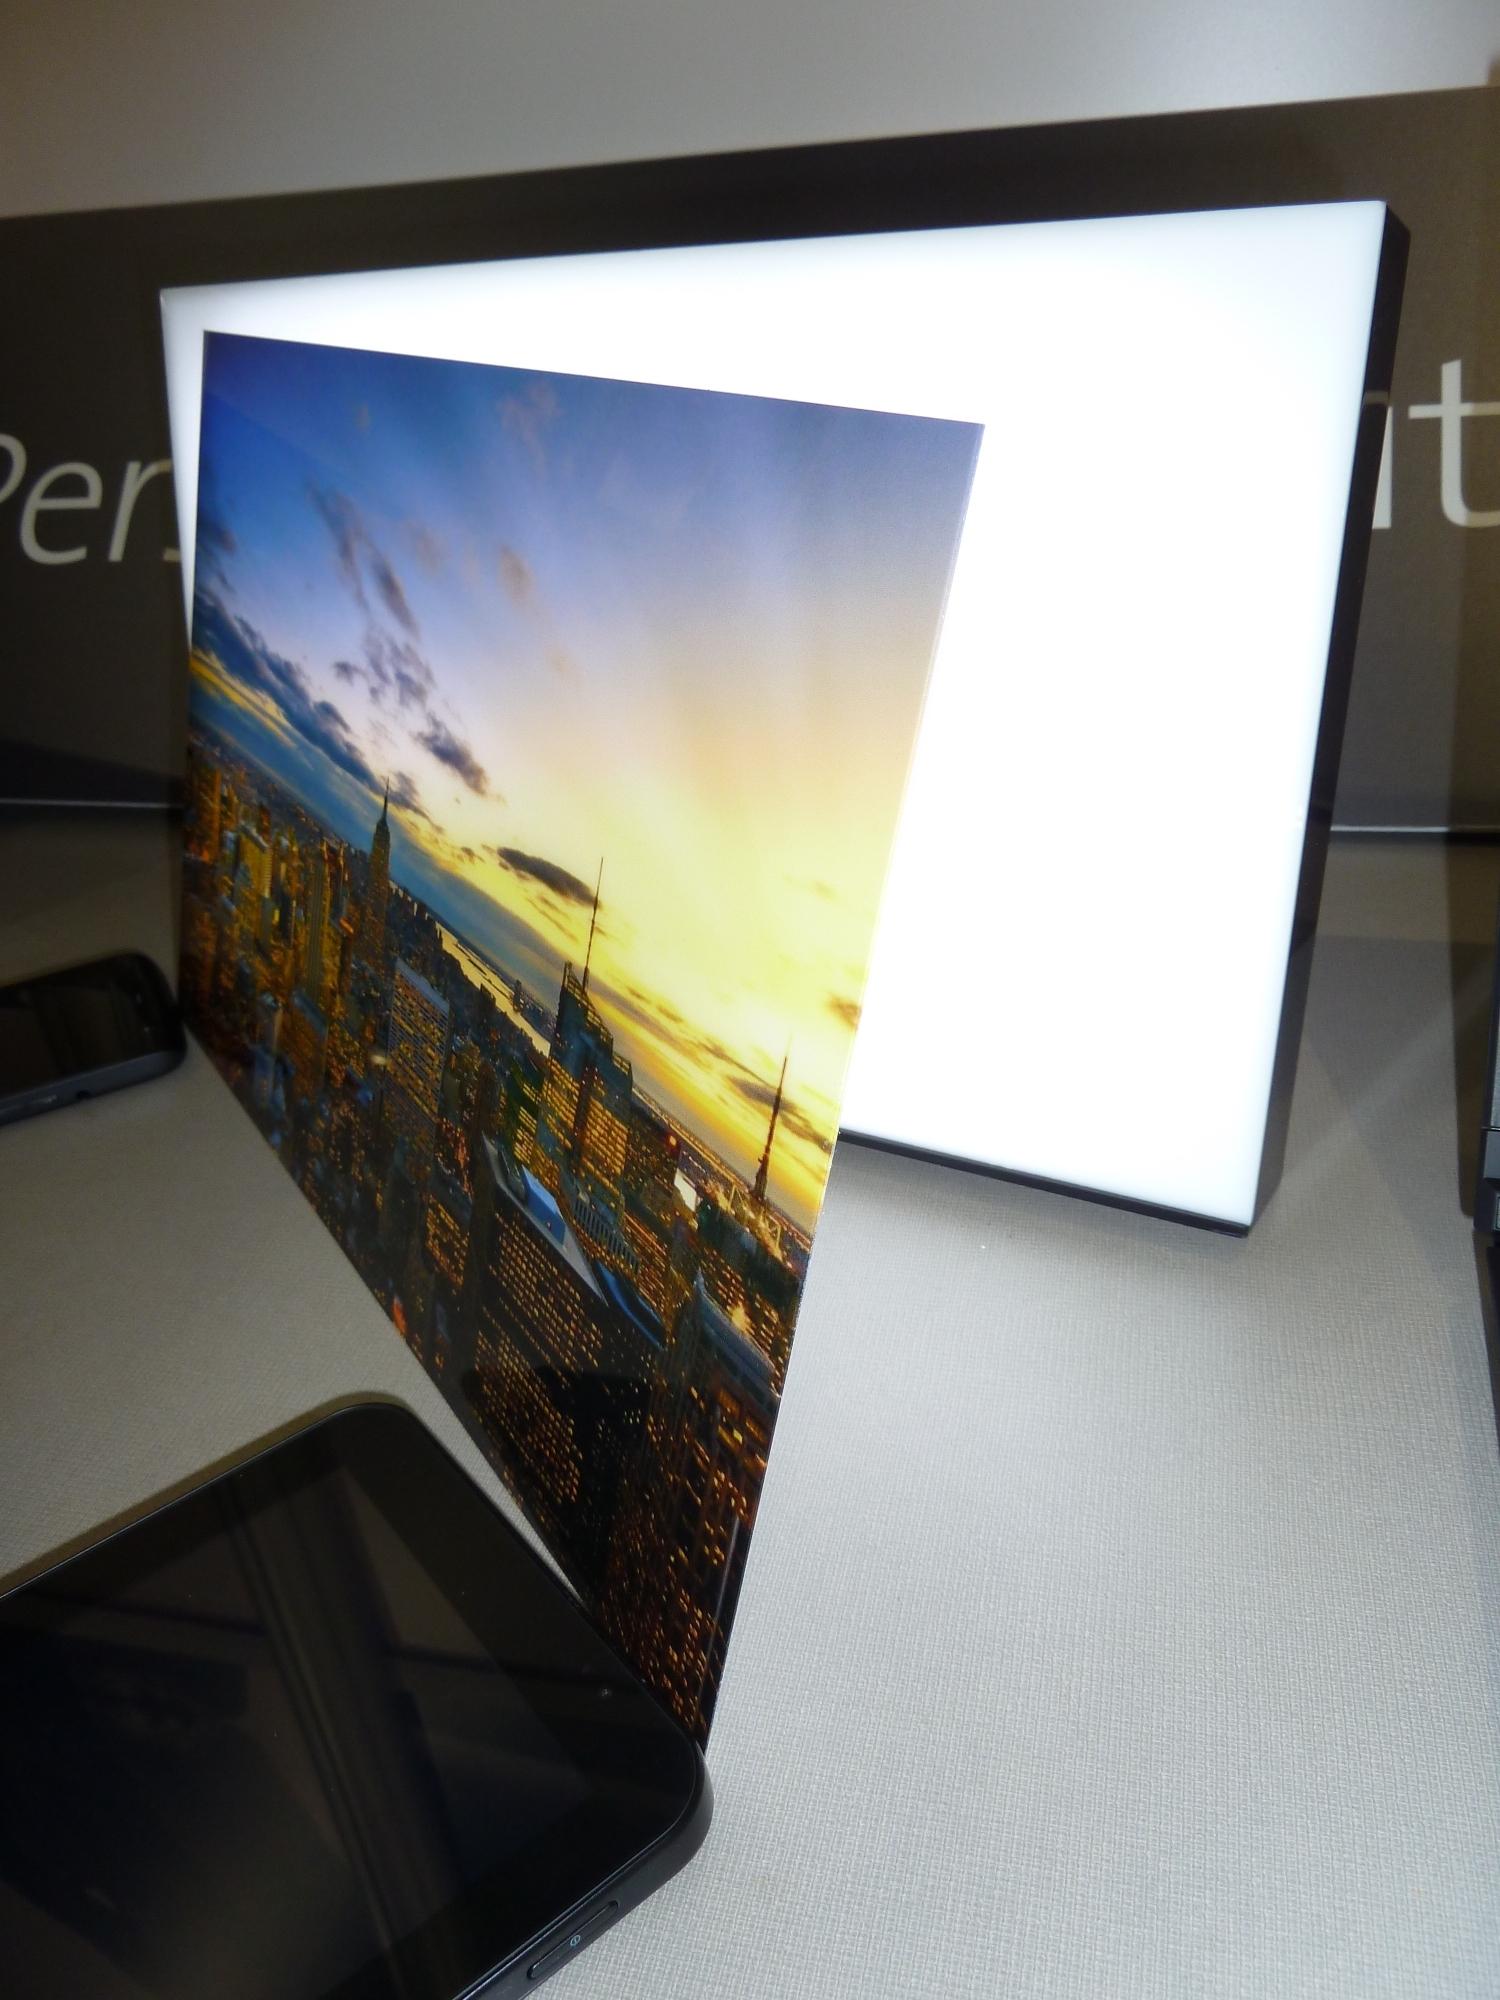 Favorit DisplayWeek: Dünnes Glas von der Rolle | heise online GX49